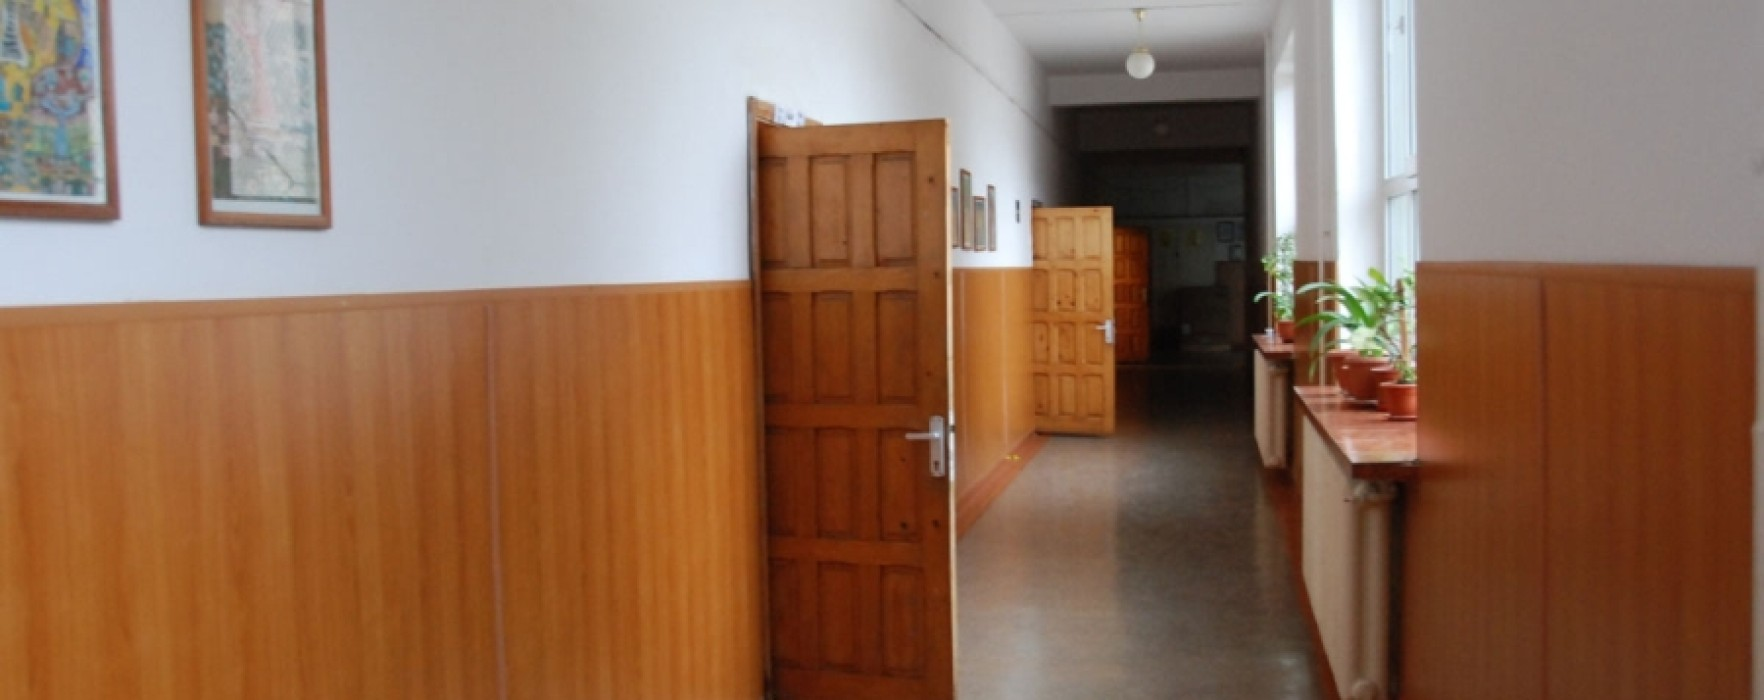 65 de şcoli şi grădiniţe din Dâmboviţa vor fi închise vineri; vezi care sunt